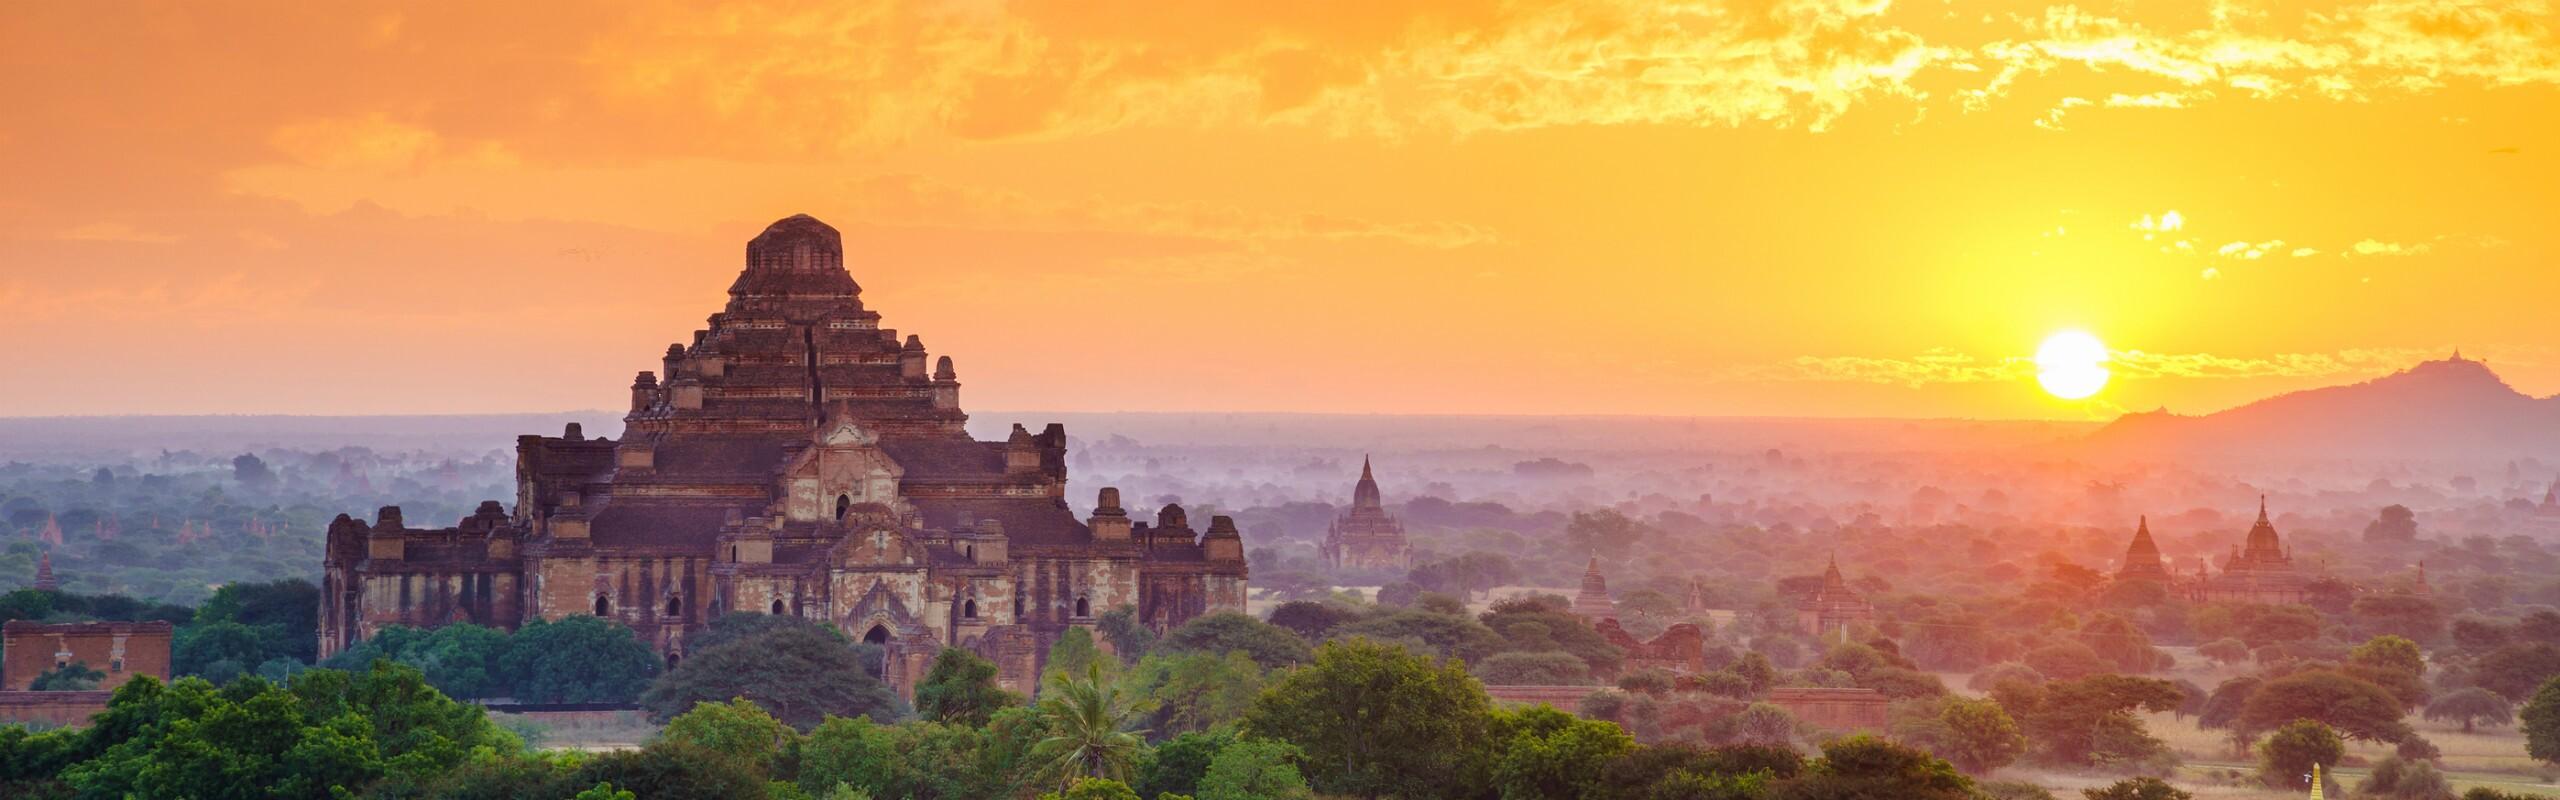 Angkor Wat or Bagan — Which to Visit